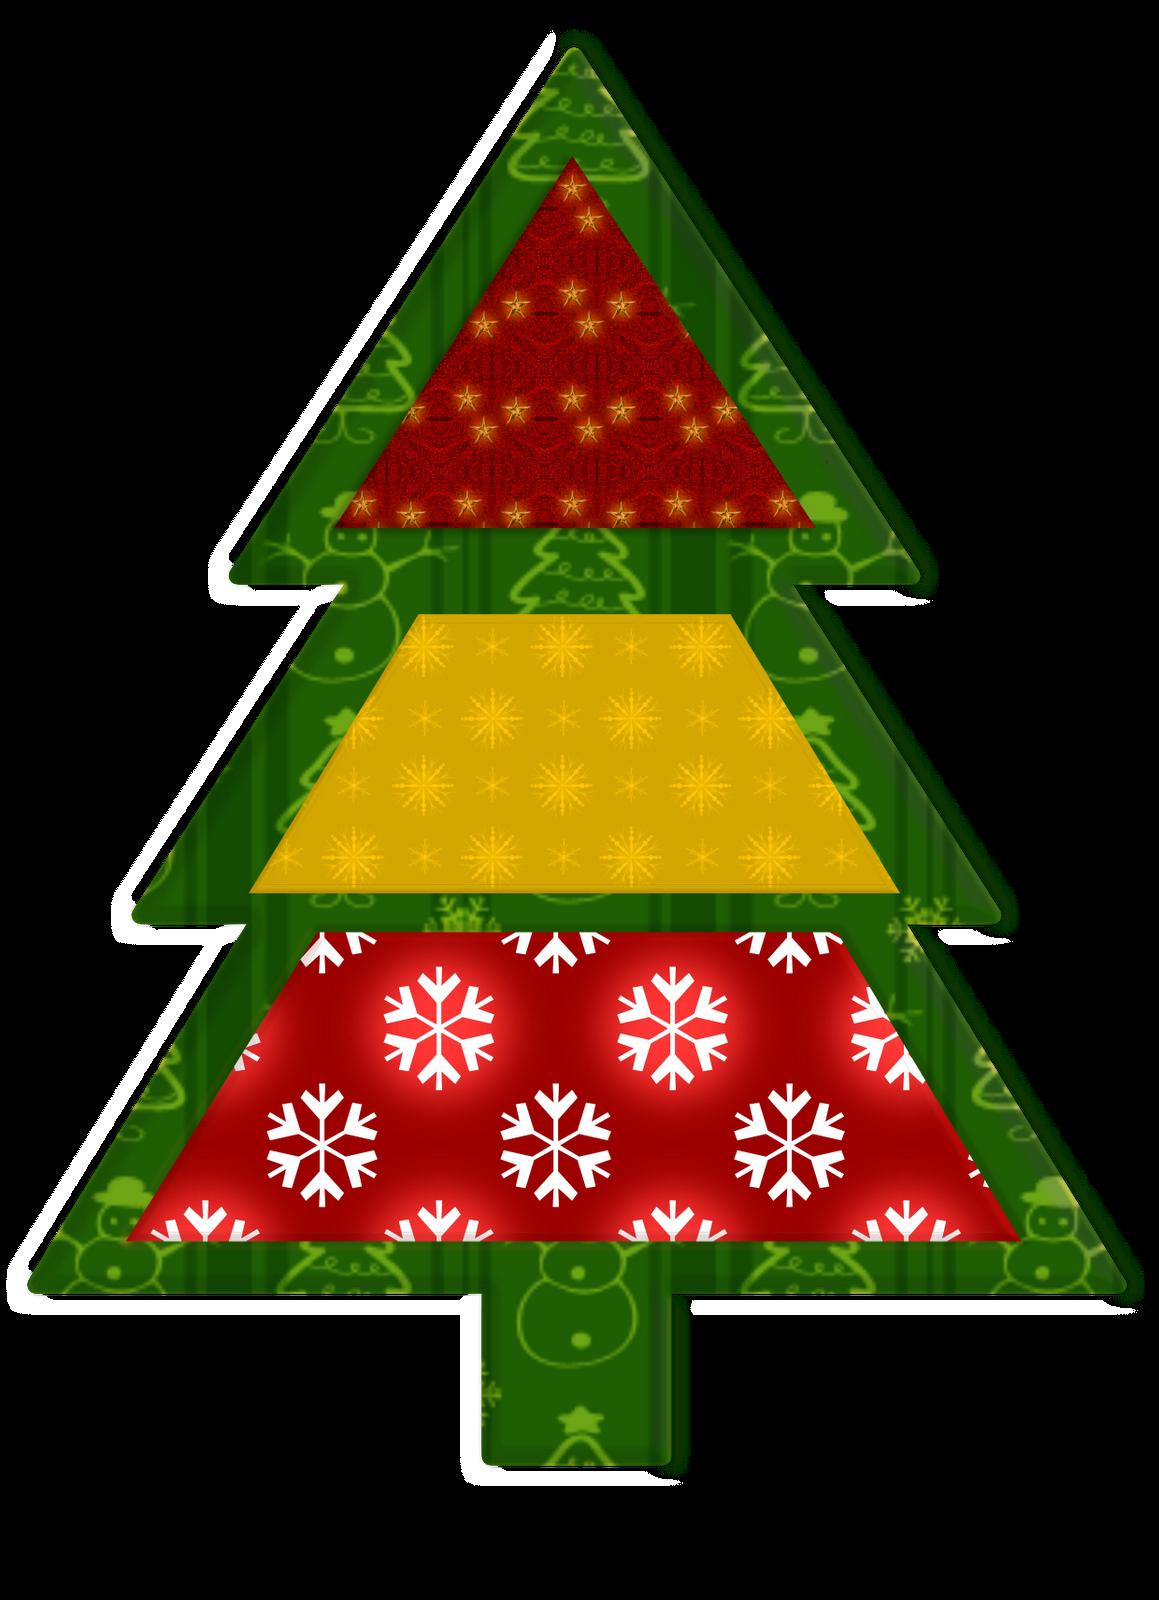 Scuola di pensiero nuovo lavoretto alberelli di natale for Addobbi natalizi scuola